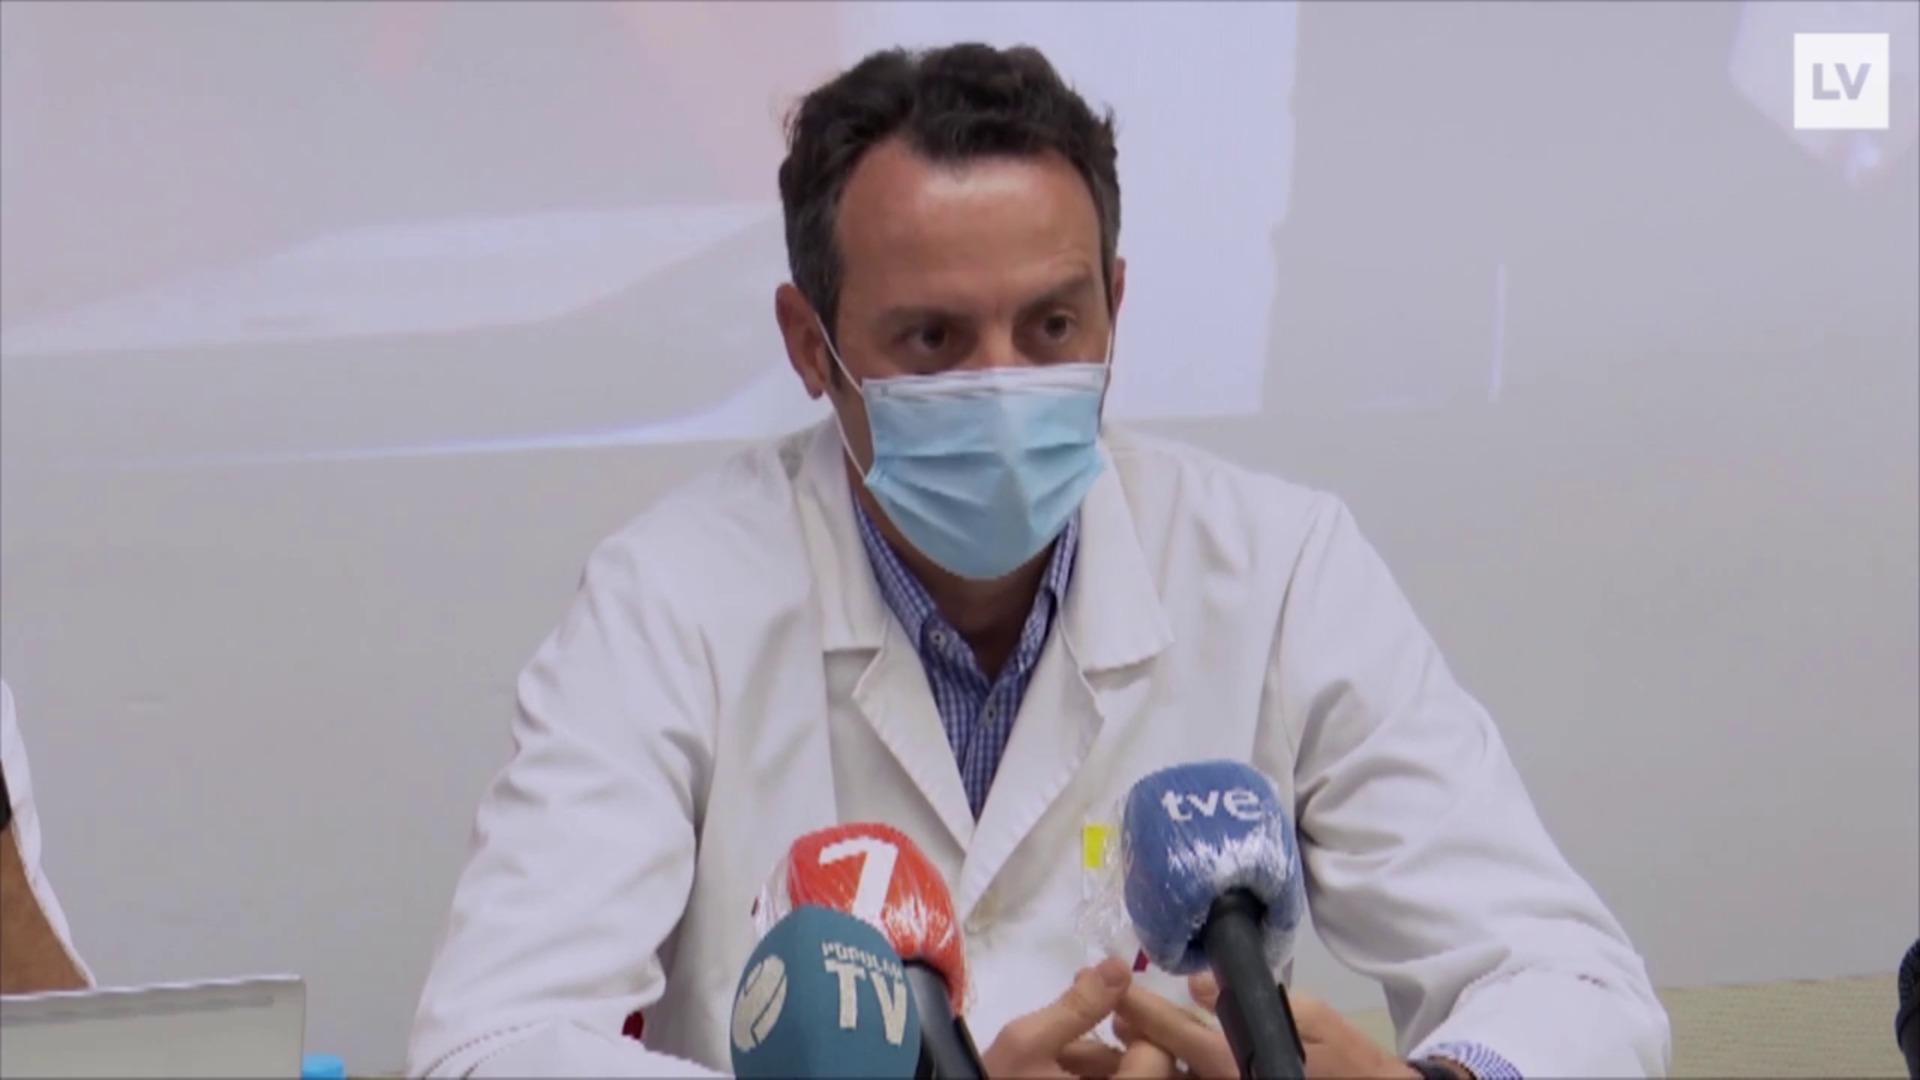 La Arrixaca realiza el segundo trasplante en España de un corazón de donante en asistolia